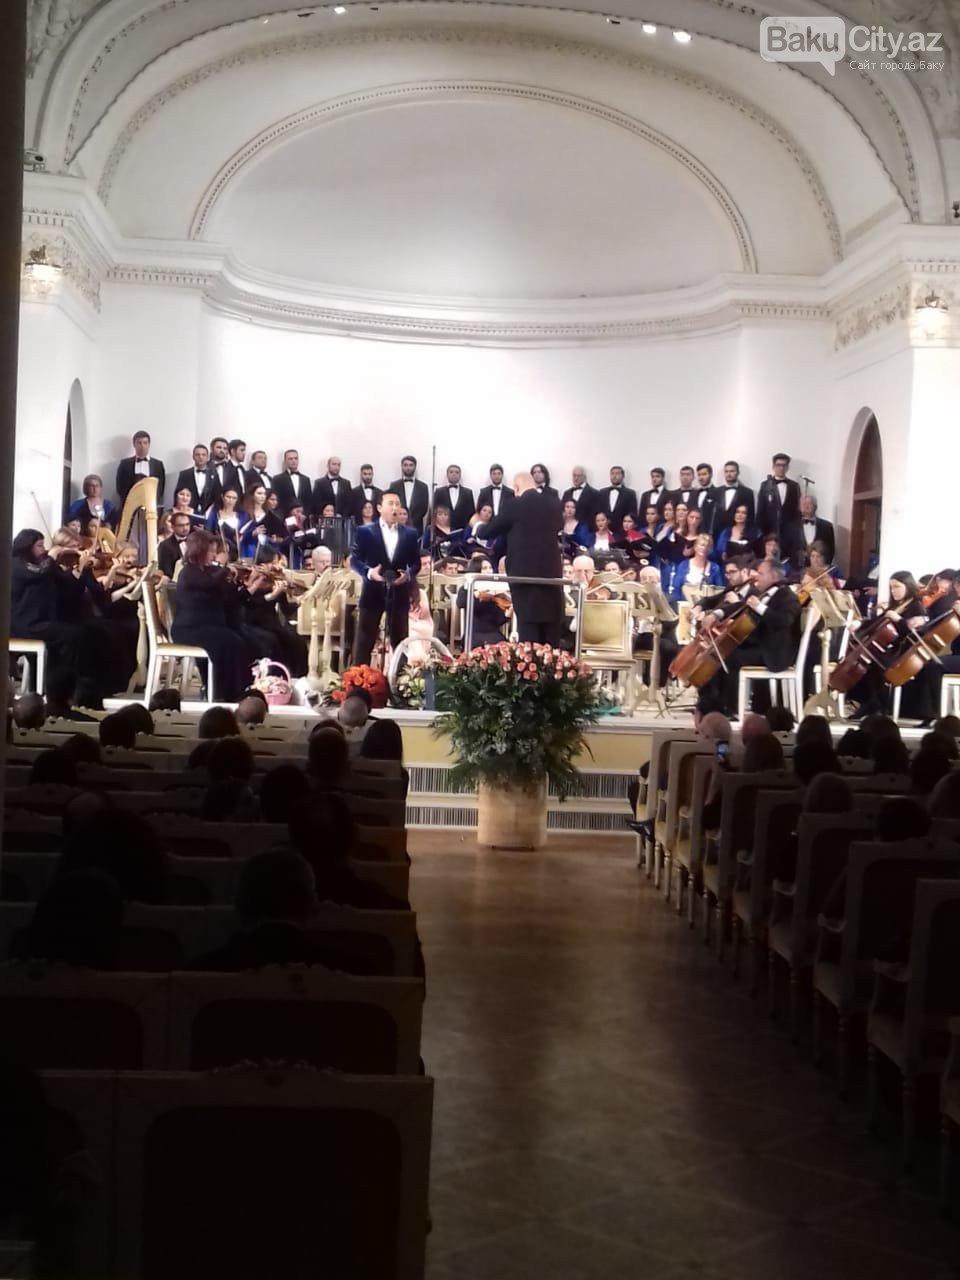 """Bakıda """"Viva Puccini"""" adlı böyük konsert proqramı olub - Foto, fotoşəkil-3"""